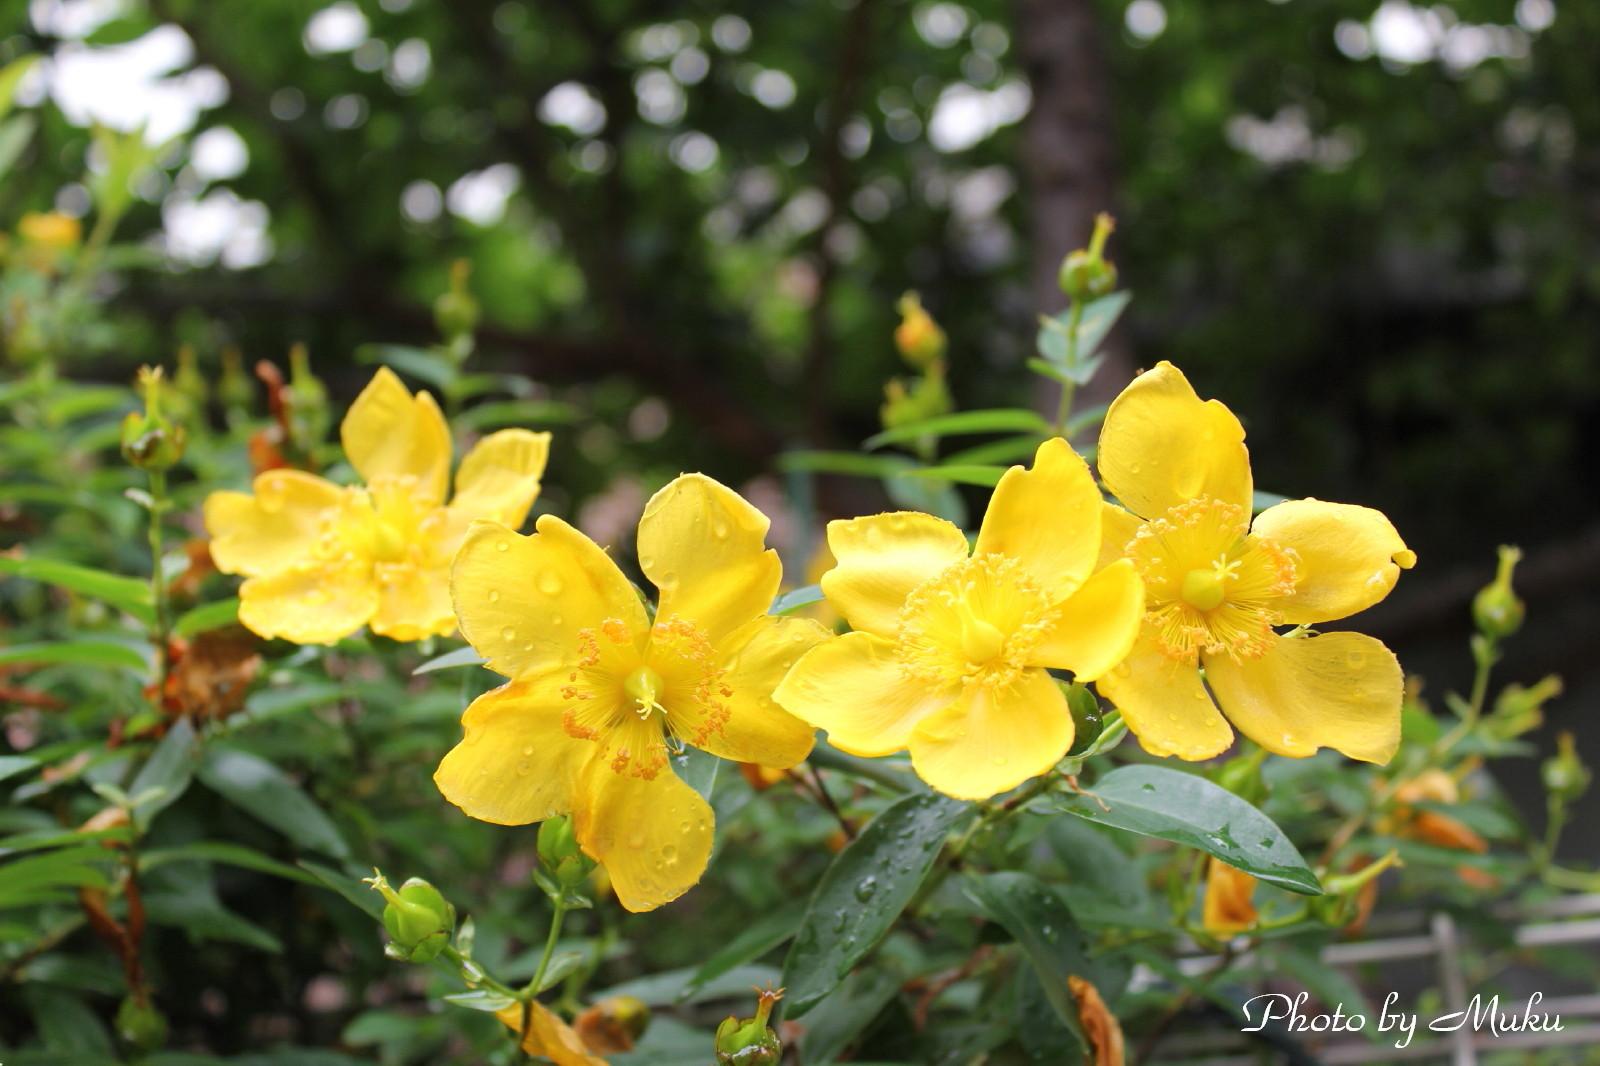 2014/06/12 金糸梅 (散歩道:神奈川県横須賀市)